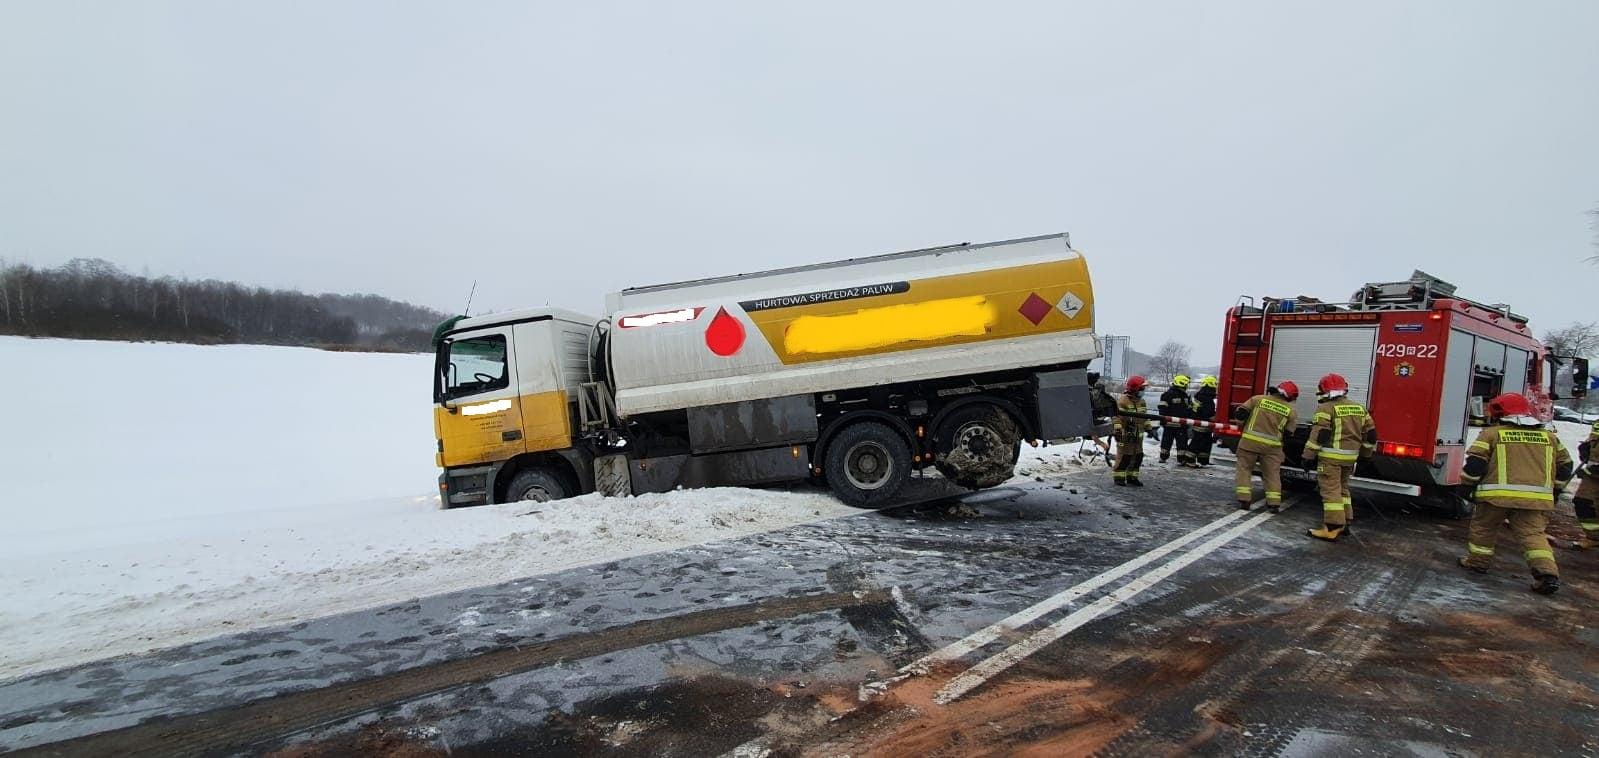 Dwie ciężarówki i osobówka zderzyły się ze sobą [ZDJĘCIA] - Zdjęcie główne